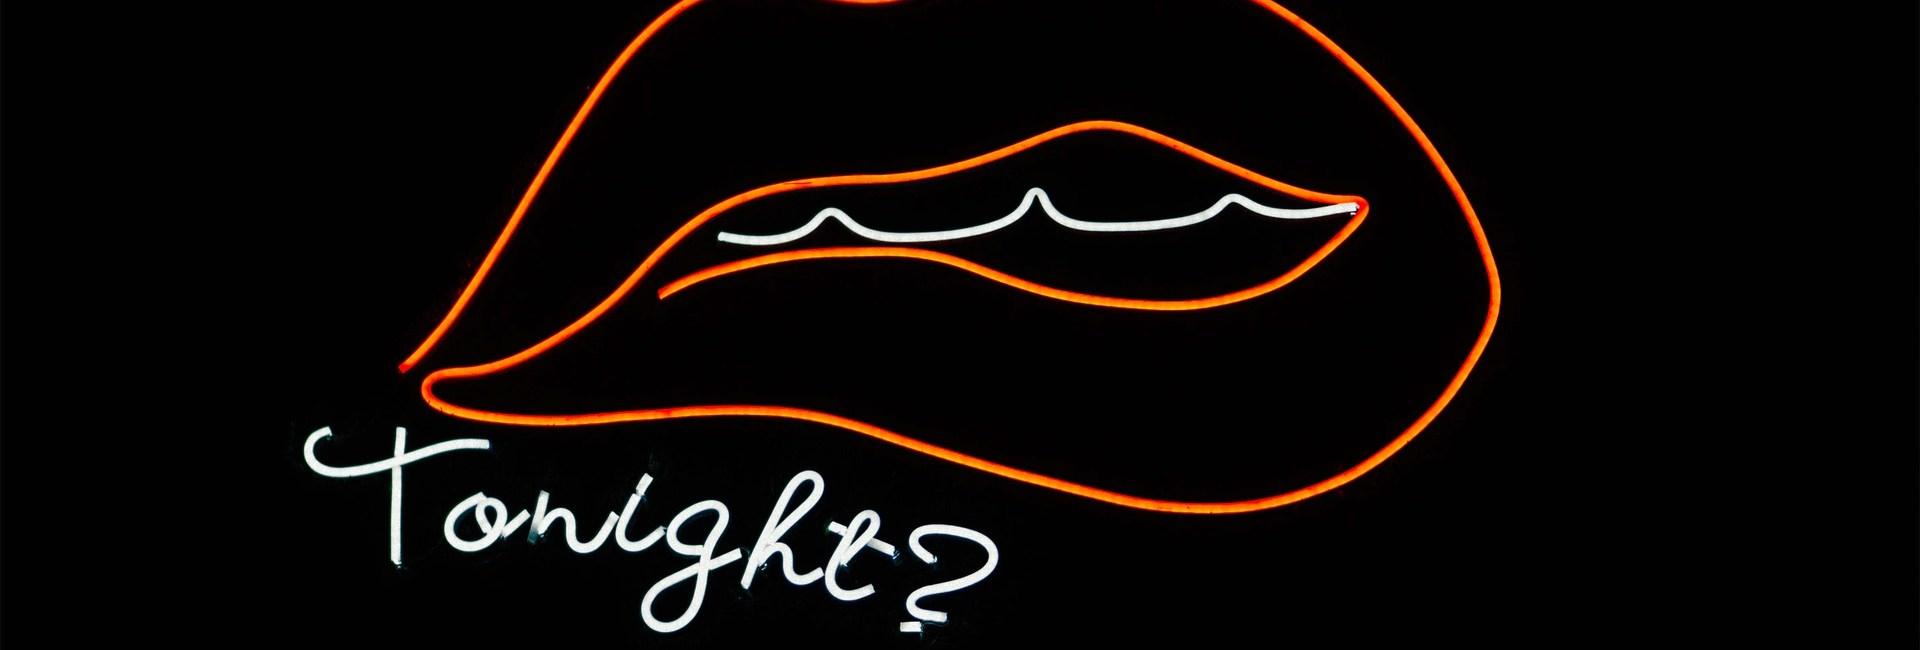 neon-tonight